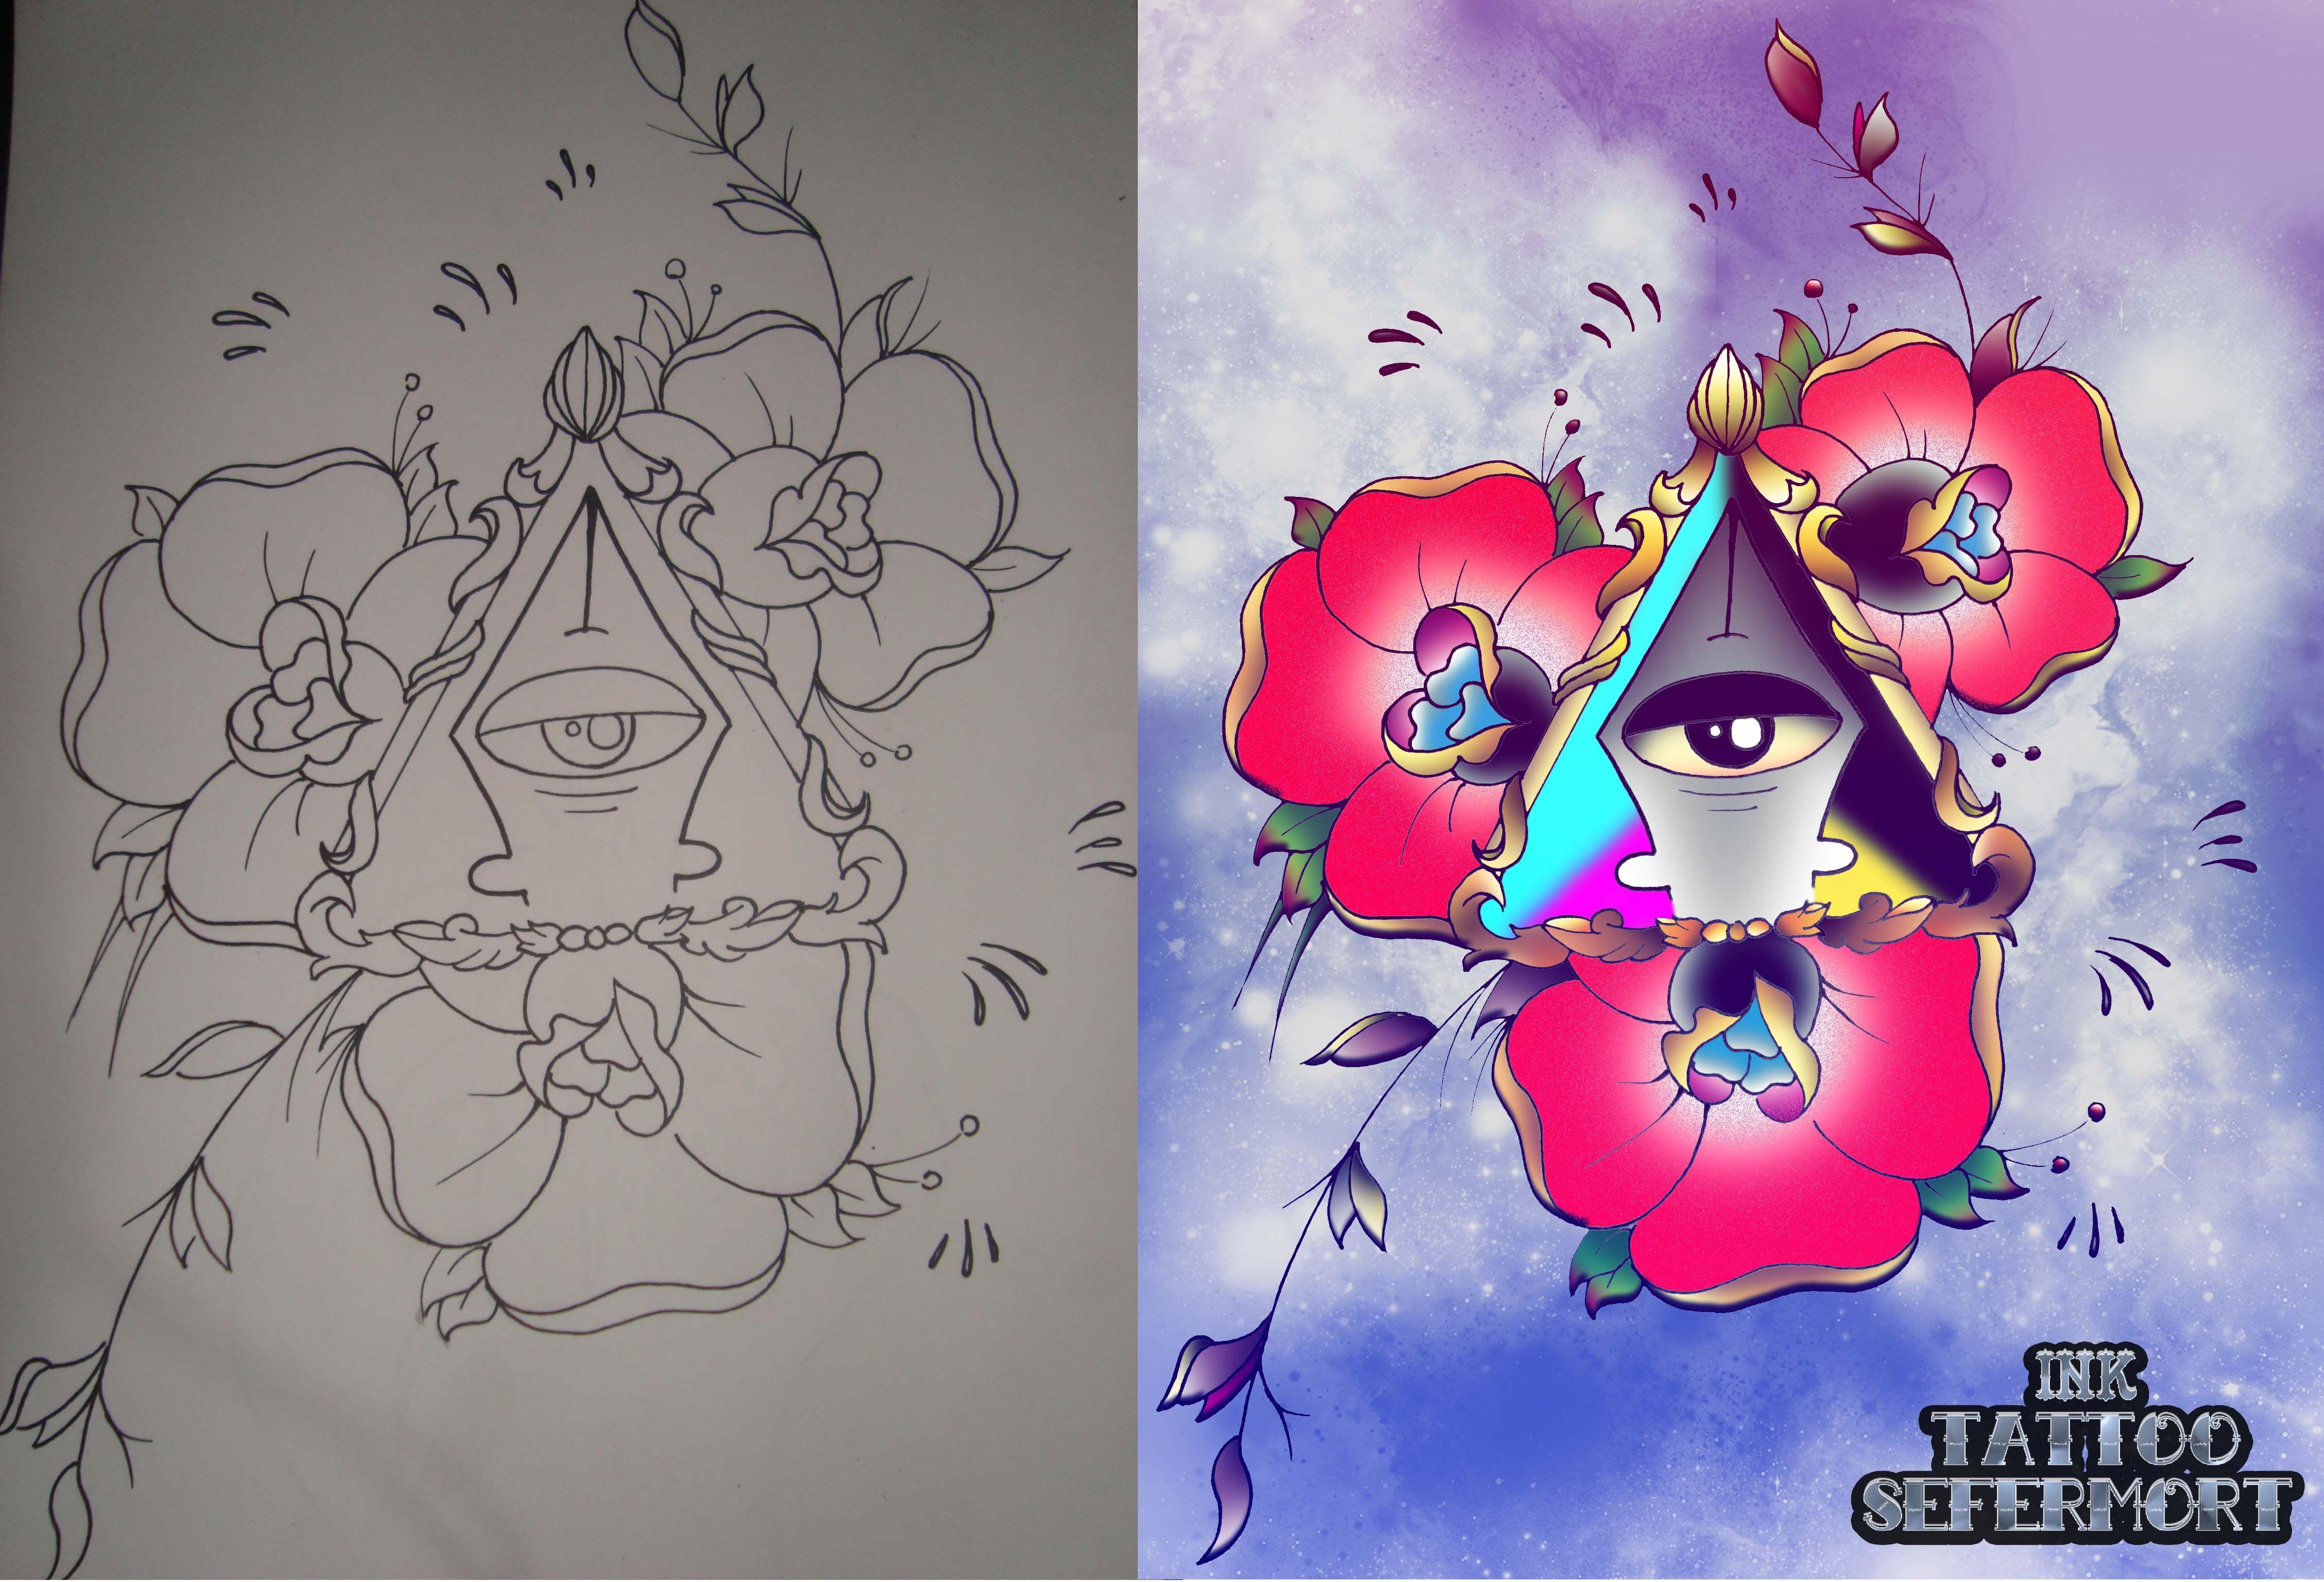 Dibujo Tradicional Color Digital Imagen De Mi Marca Para Tatuajes Dibujos Tradicionales Dibujos Colores